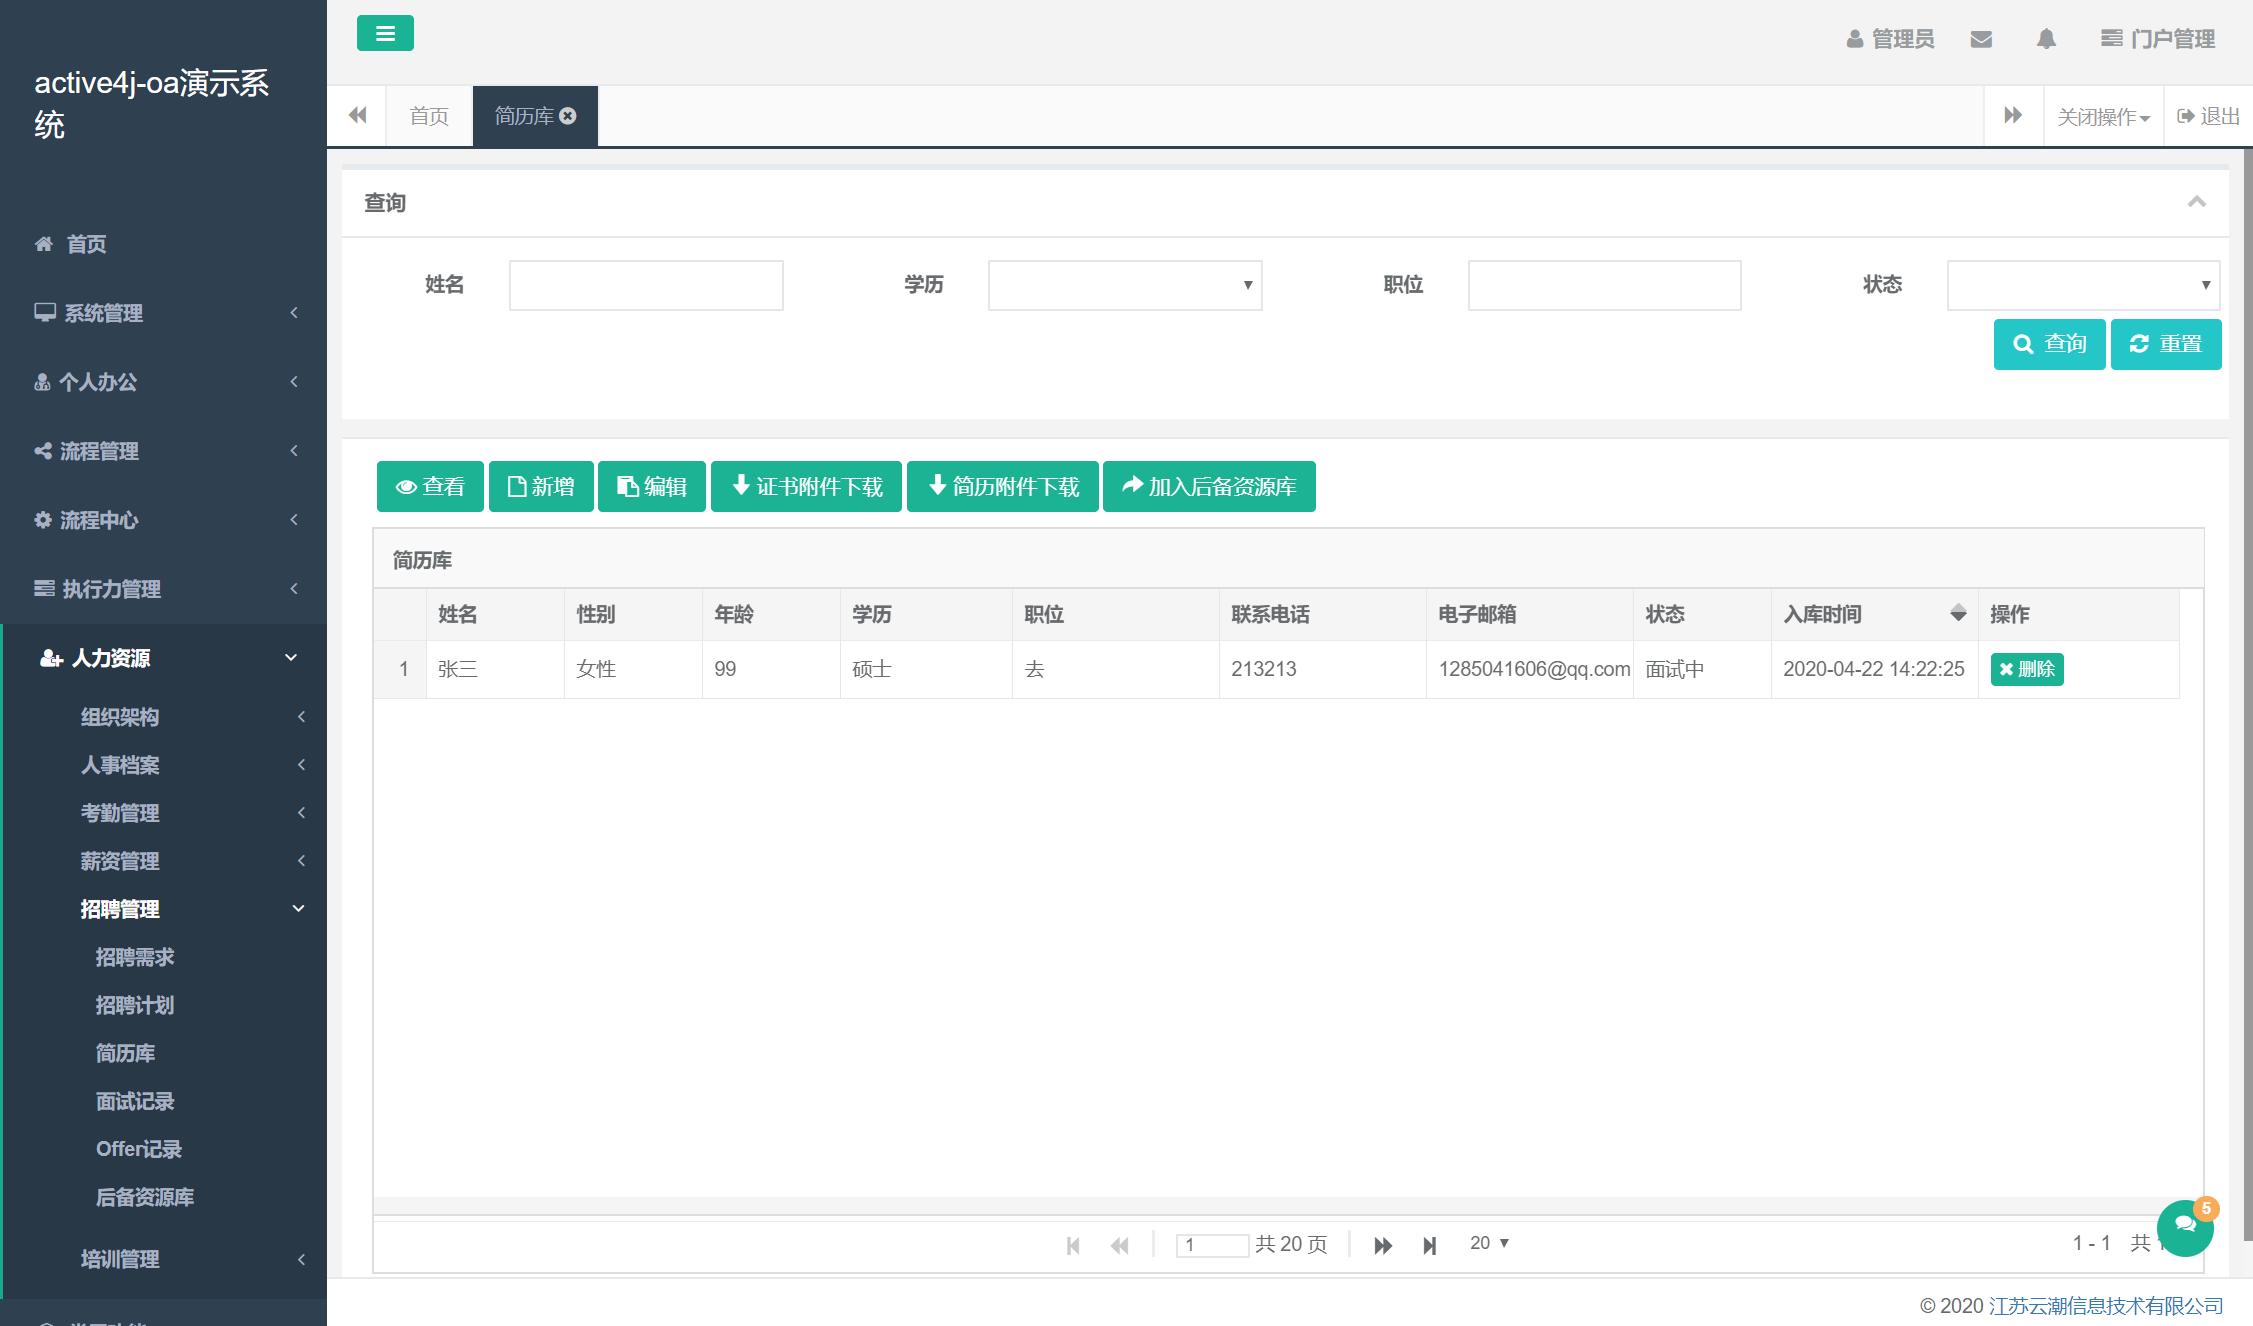 https://zh-active4j-1251505225.cos.ap-shanghai.myqcloud.com/active4joa/oa10.png